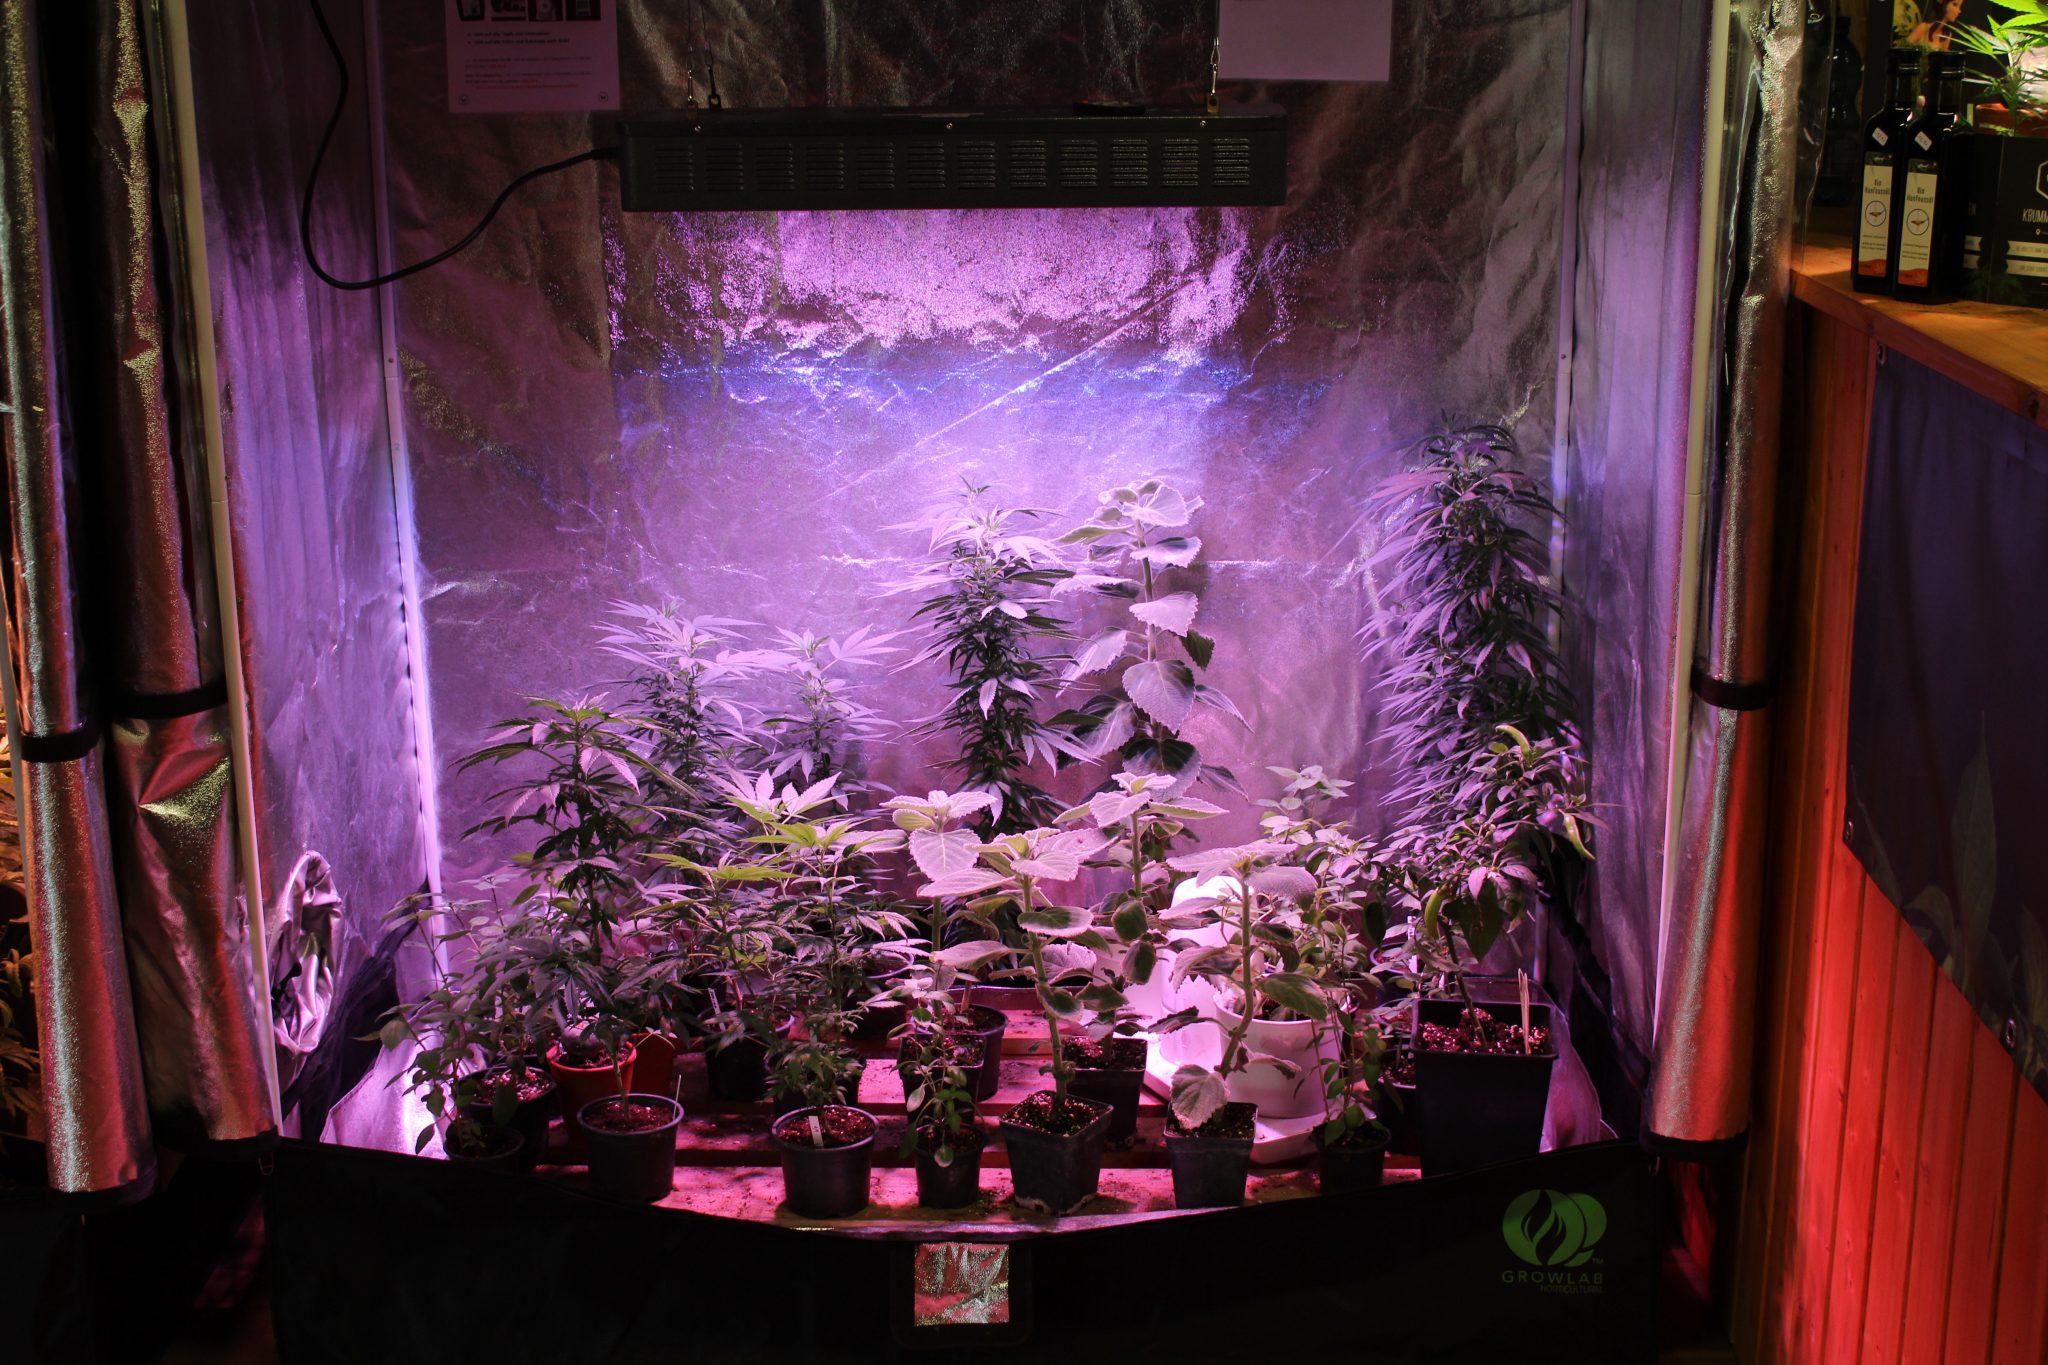 Hanfpflanze Beleuchtung | Krumme Gurken Bio Grow Und Marchfelder Cannabis Biorama